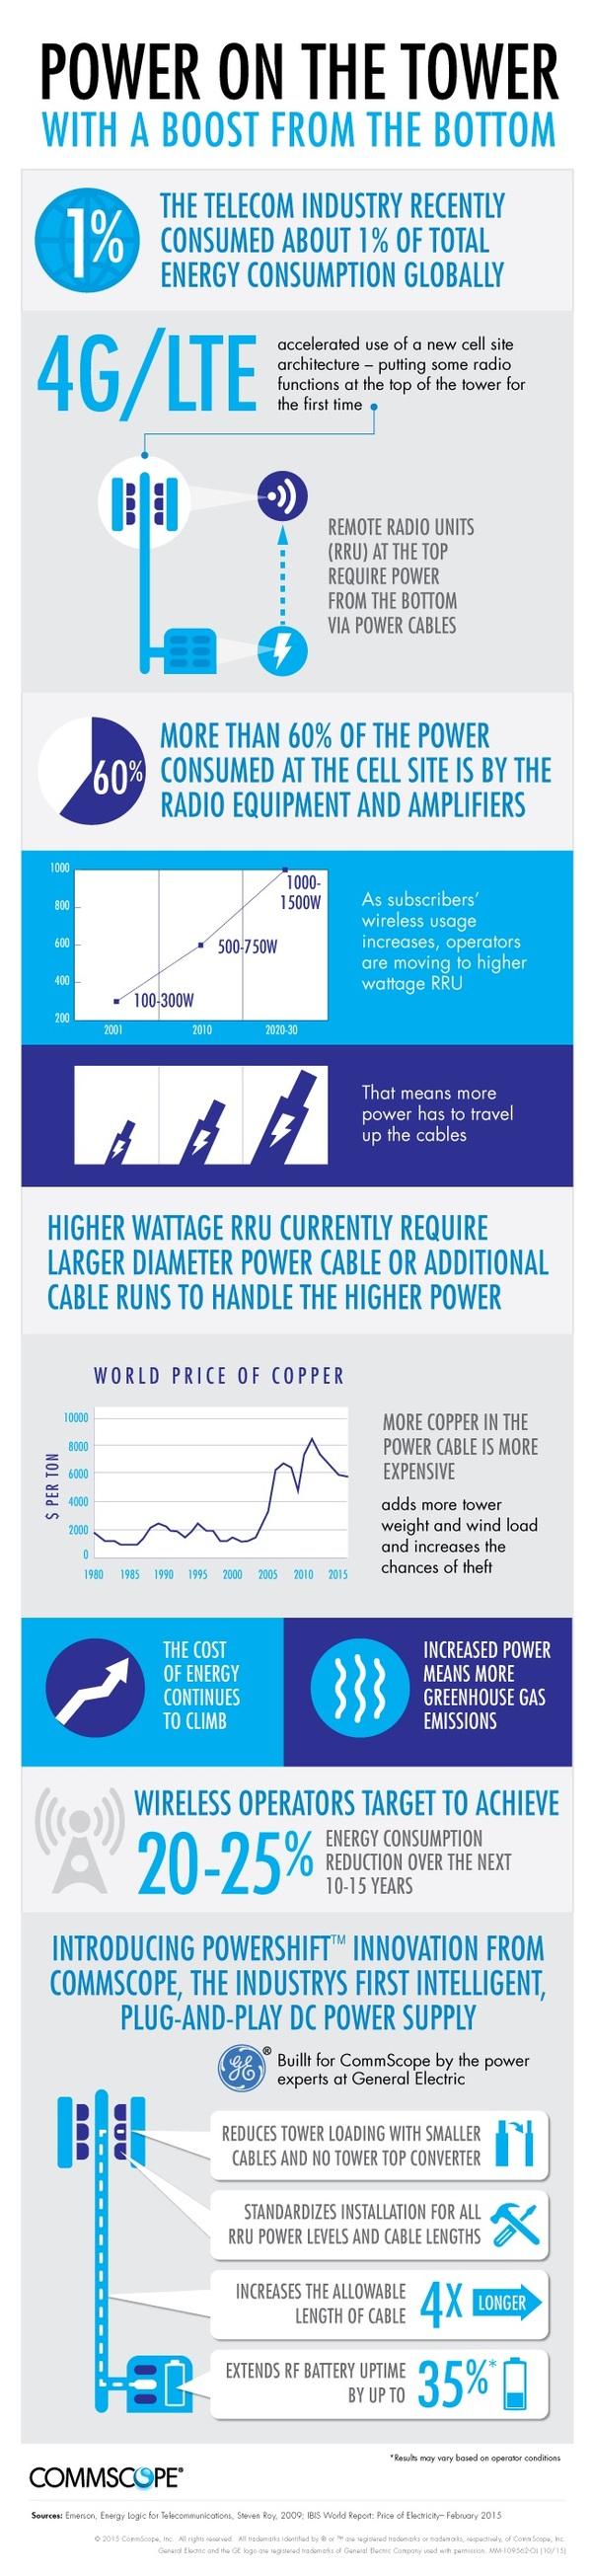 PowerShift-infographic